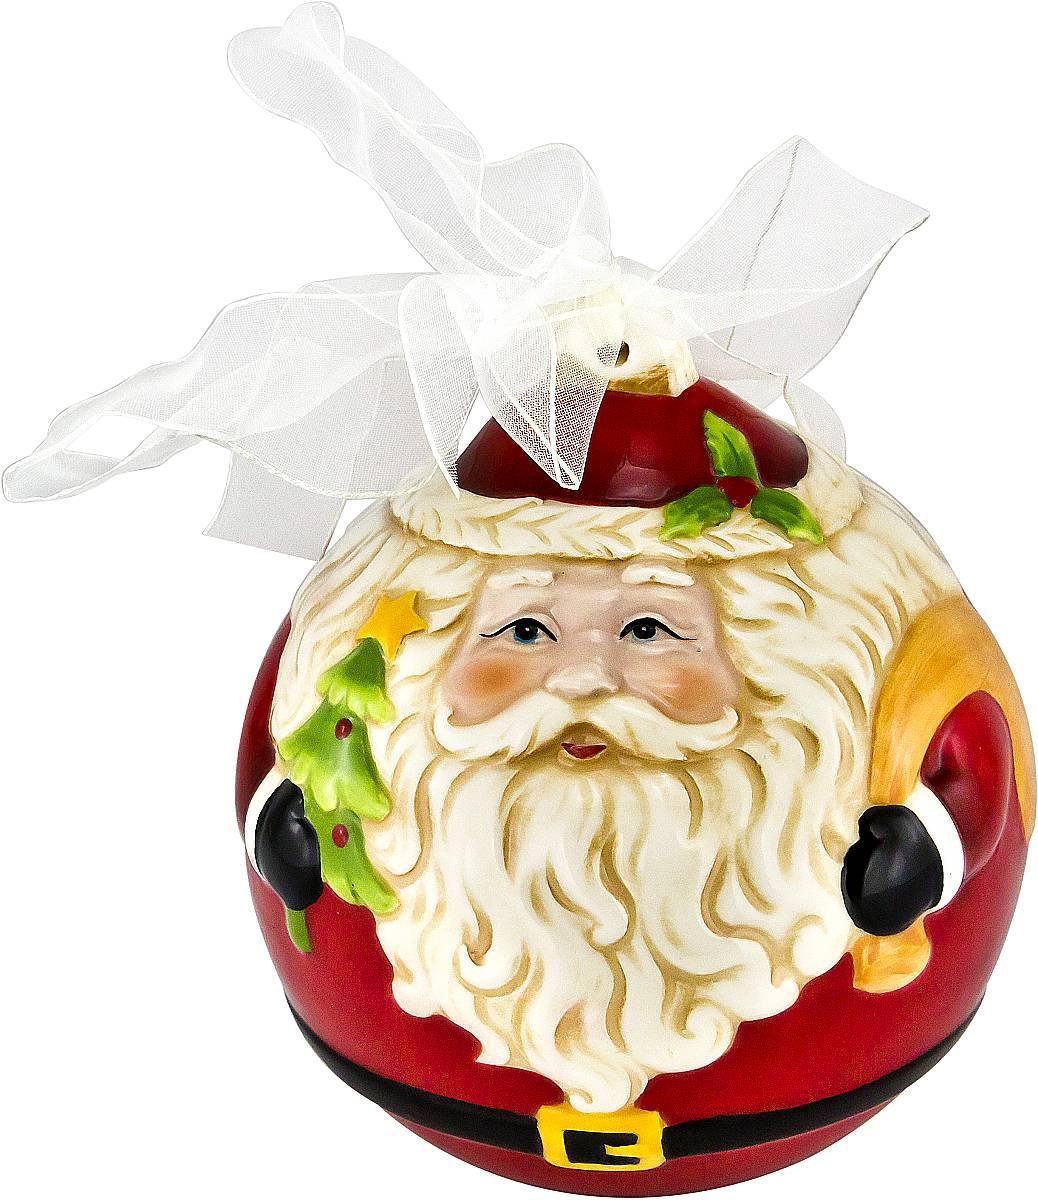 Украшение новогоднее подвесное Mister Christmas Дед Мороз, длина 13,5 смFD-02Новогоднее подвесное украшение Mister Christmas Дед Мороз прекрасно подойдет для праздничного декора новогодней ели. Украшение выполнено из керамики. Для удобного размещения на елке предусмотрена петелька в виде ленты. Елочная игрушка - символ Нового года. Она несет в себе волшебство и красоту праздника. Создайте в своем доме атмосферу веселья и радости, украшая новогоднюю елку нарядными игрушками, которые будут из года в год накапливать теплоту воспоминаний.